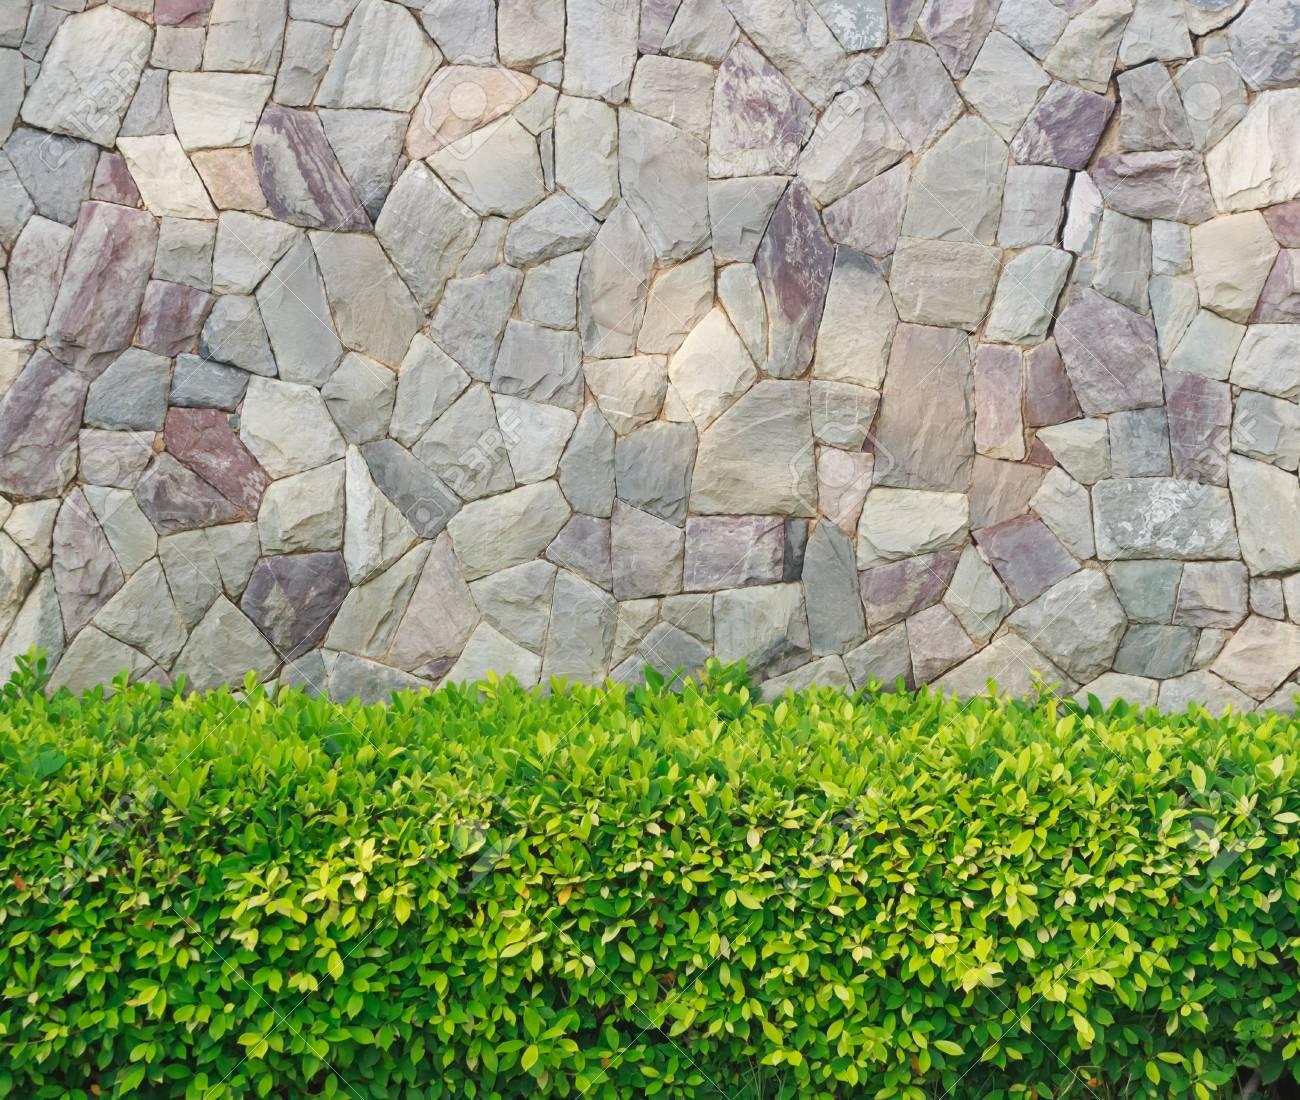 Planta Con Pared De Piedra Jardin Decorativo Fotos Retratos - Piedra-jardin